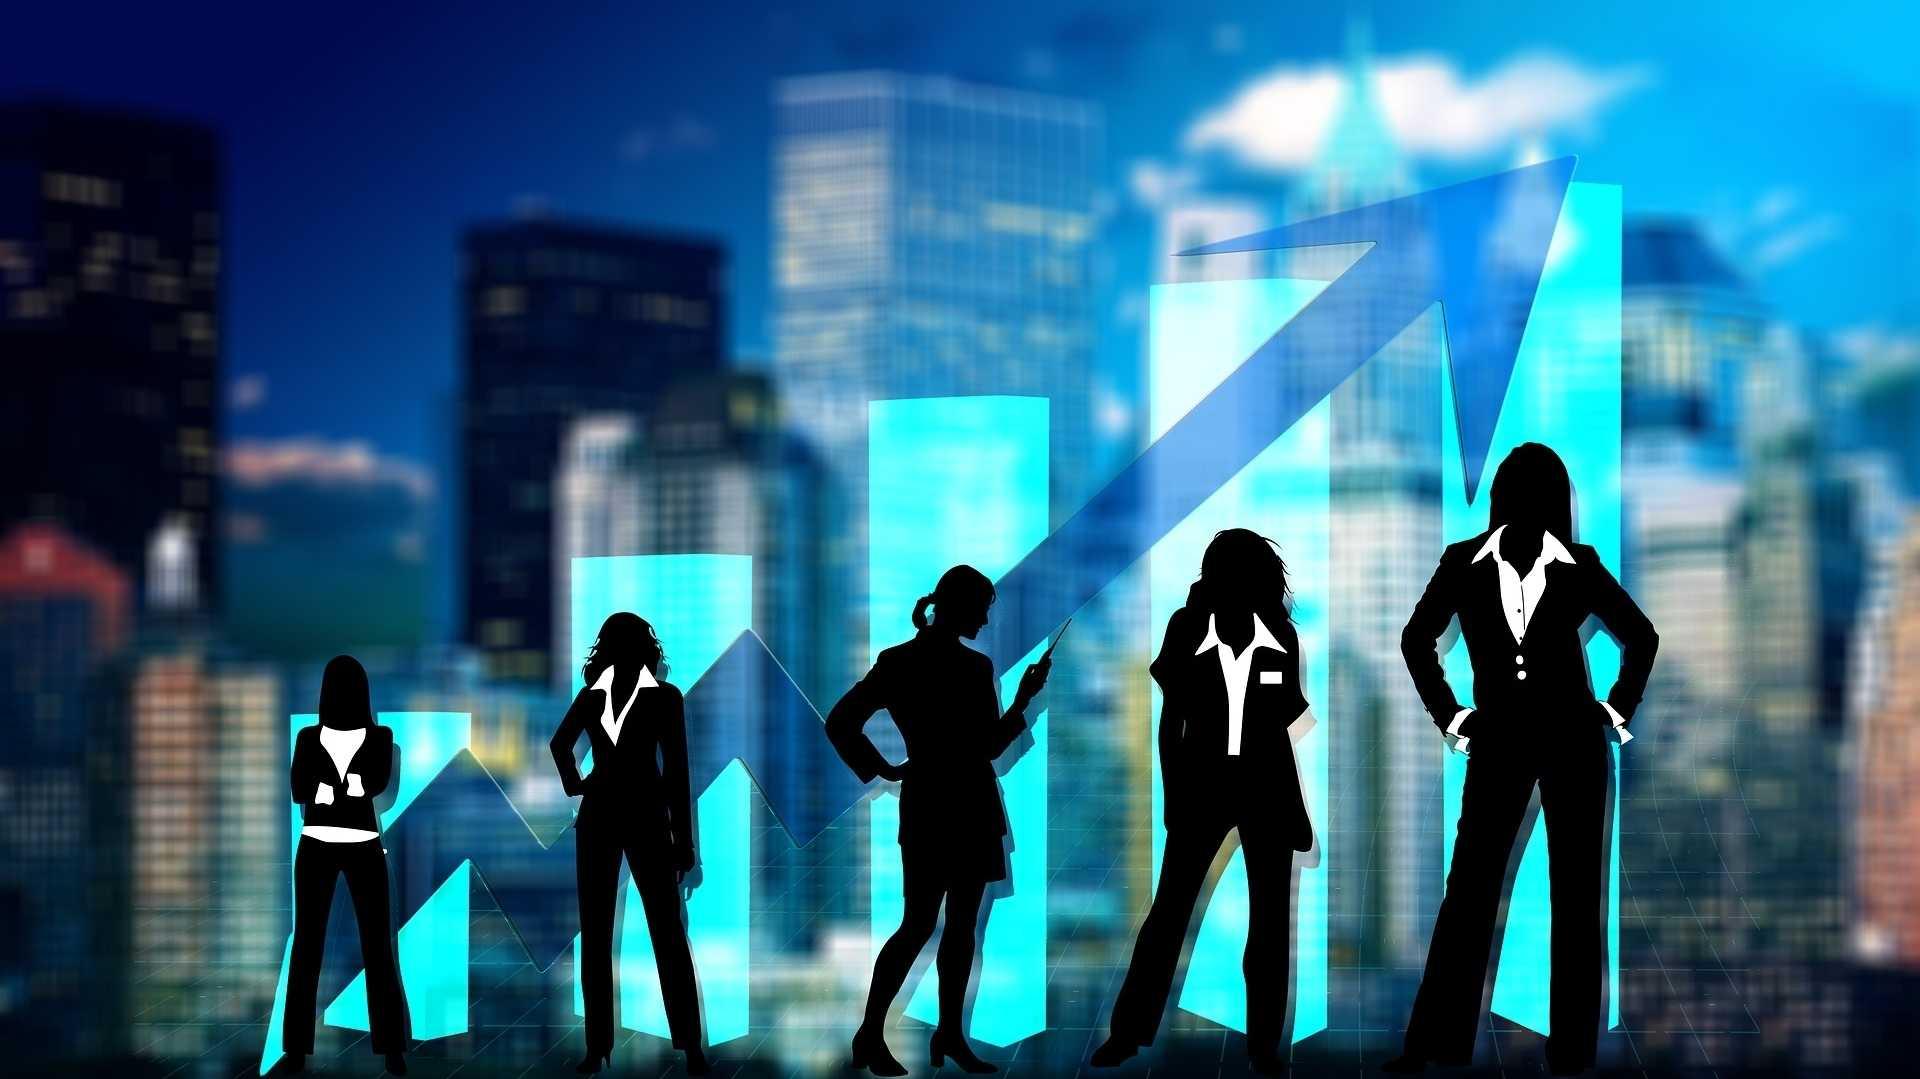 Studie: Frauenanteil in Chefetagen deutscher Firmen steigt sehr langsam